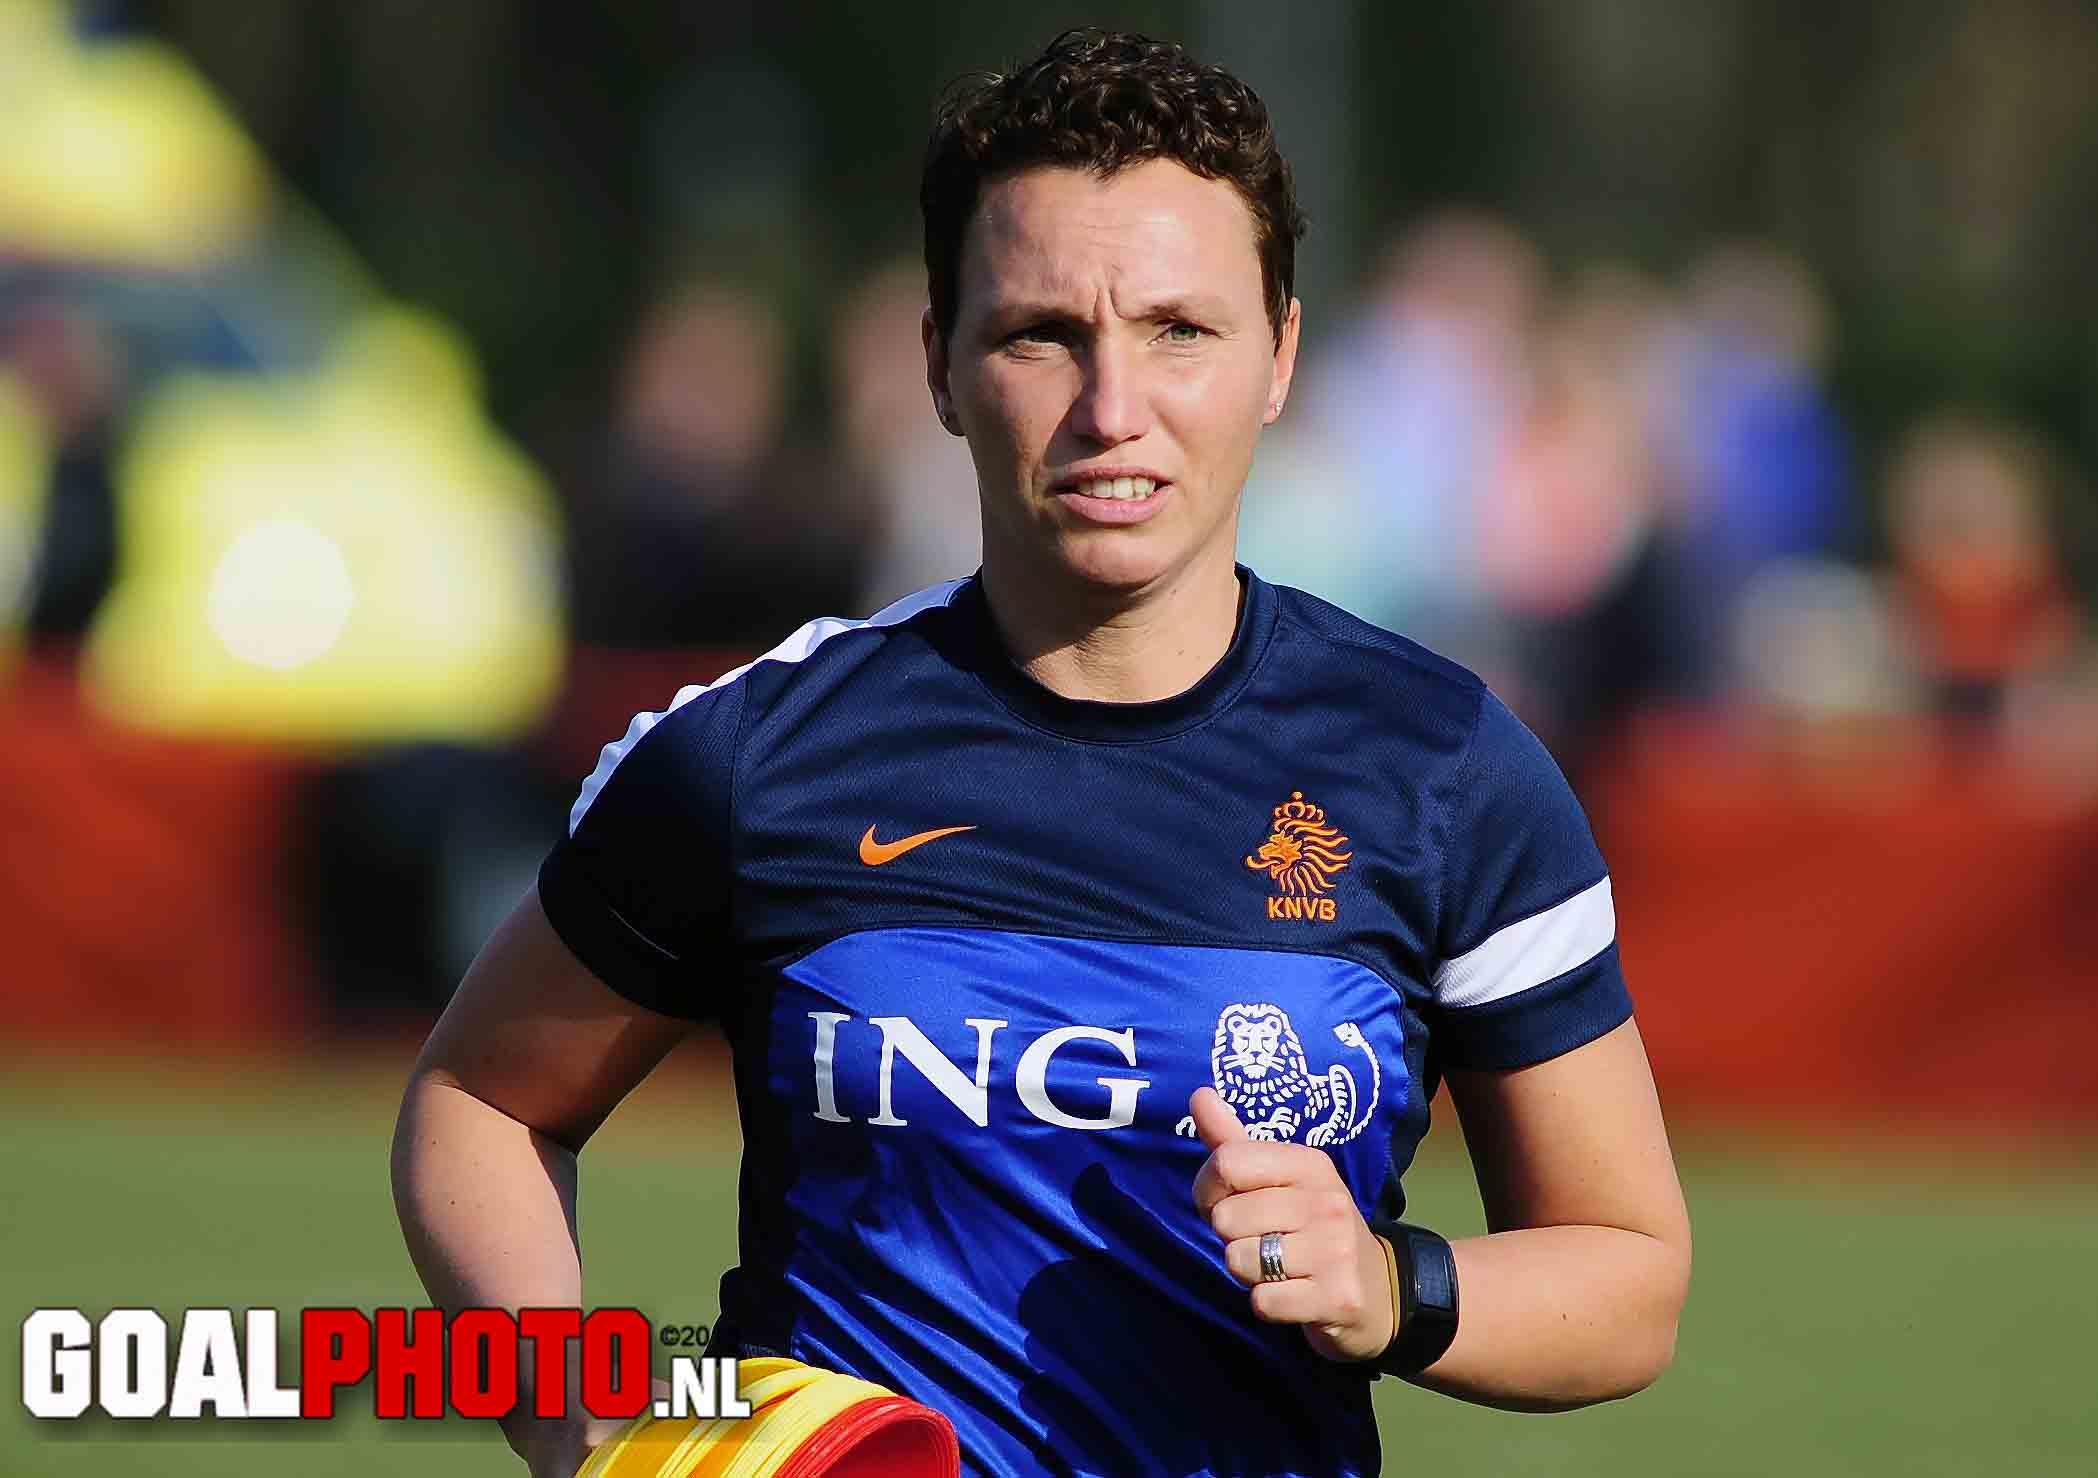 Kwalificatiewedstrijden Oranjevrouwen O19 bij FC Eibergen